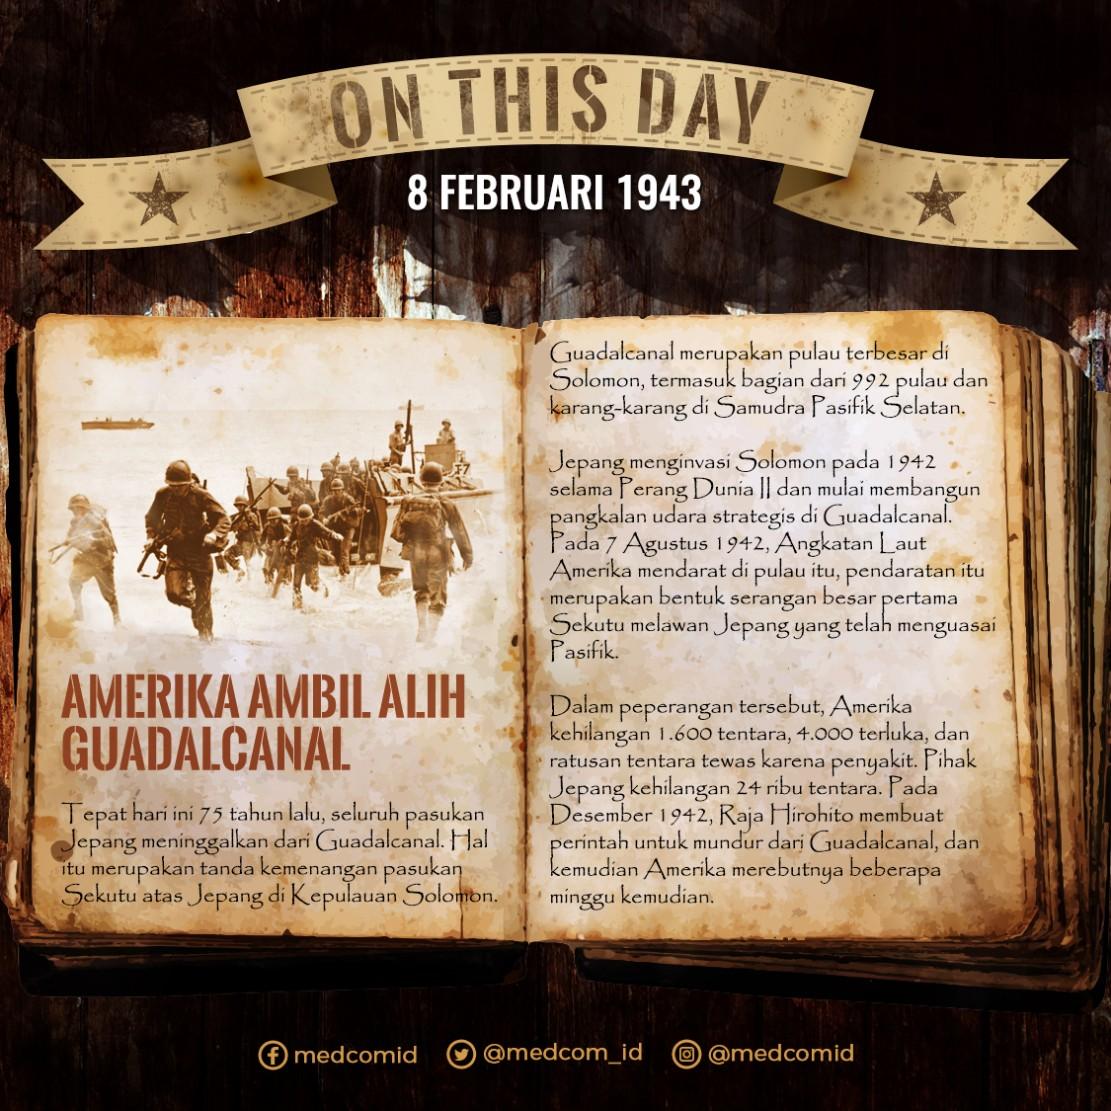 Hari Ini: Amerika Ambil Alih Guadalcanal